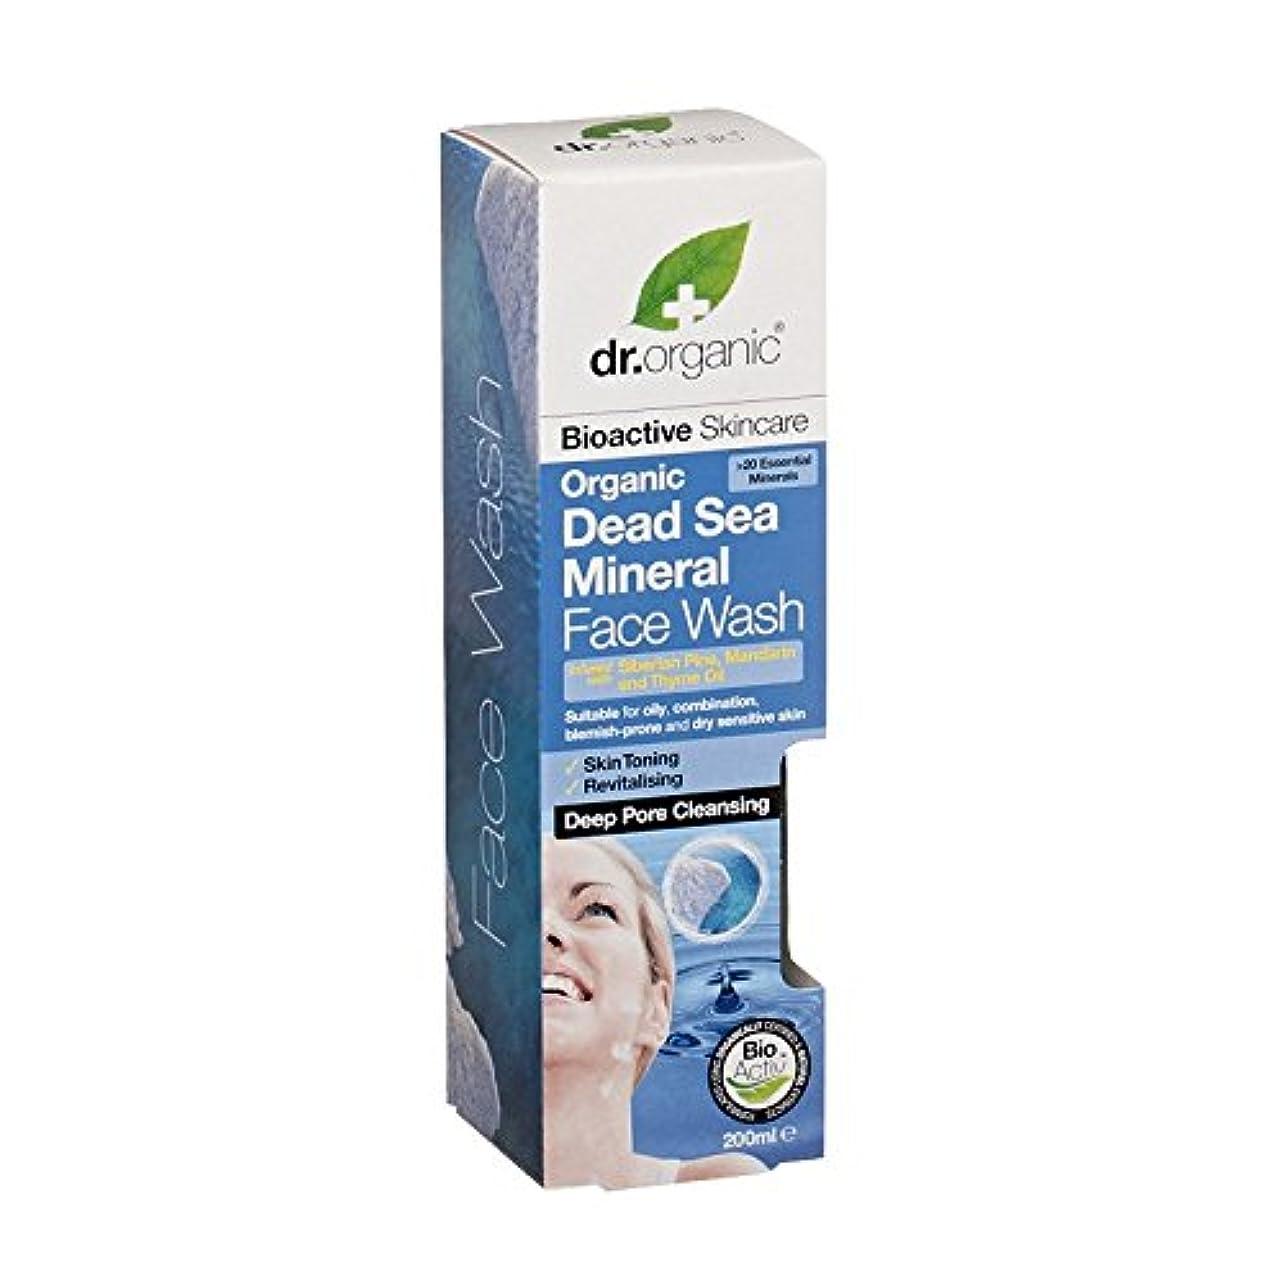 抑圧神経障害気付くDr有機死海のミネラル洗顔 - Dr Organic Dead Sea Mineral Face Wash (Dr Organic) [並行輸入品]